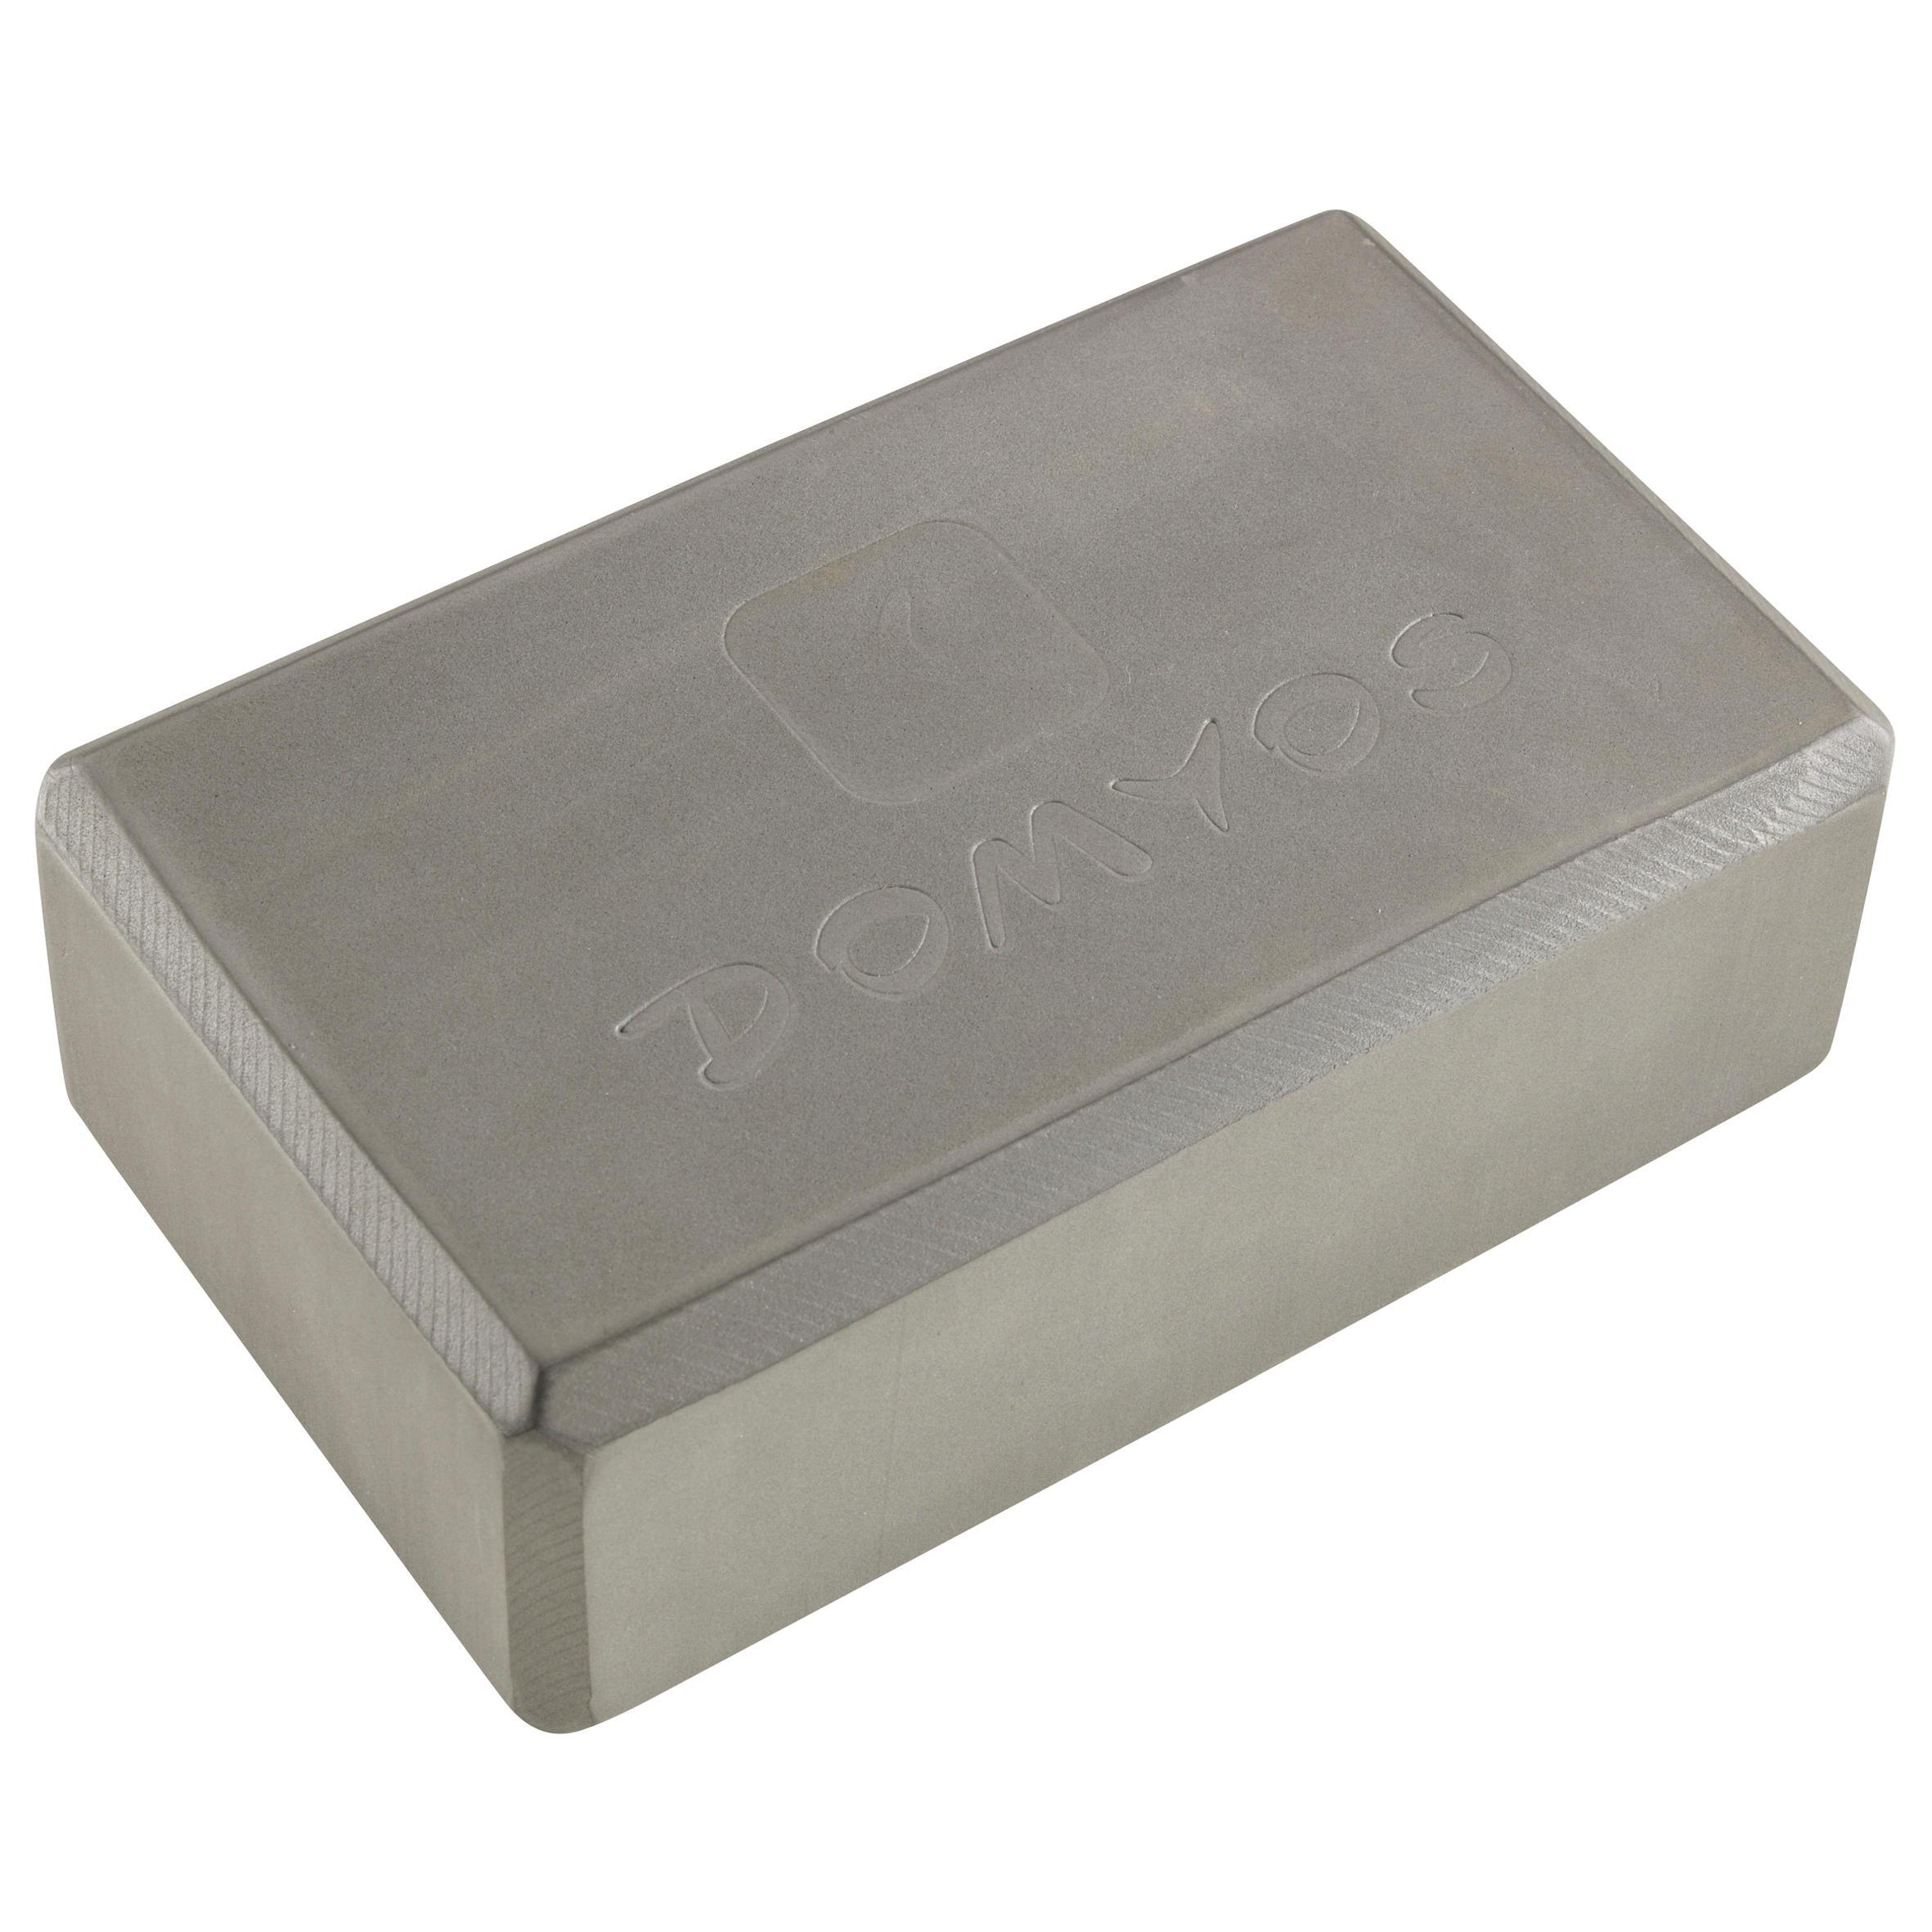 Foam Yoga Brick - Abu-abu Gelap